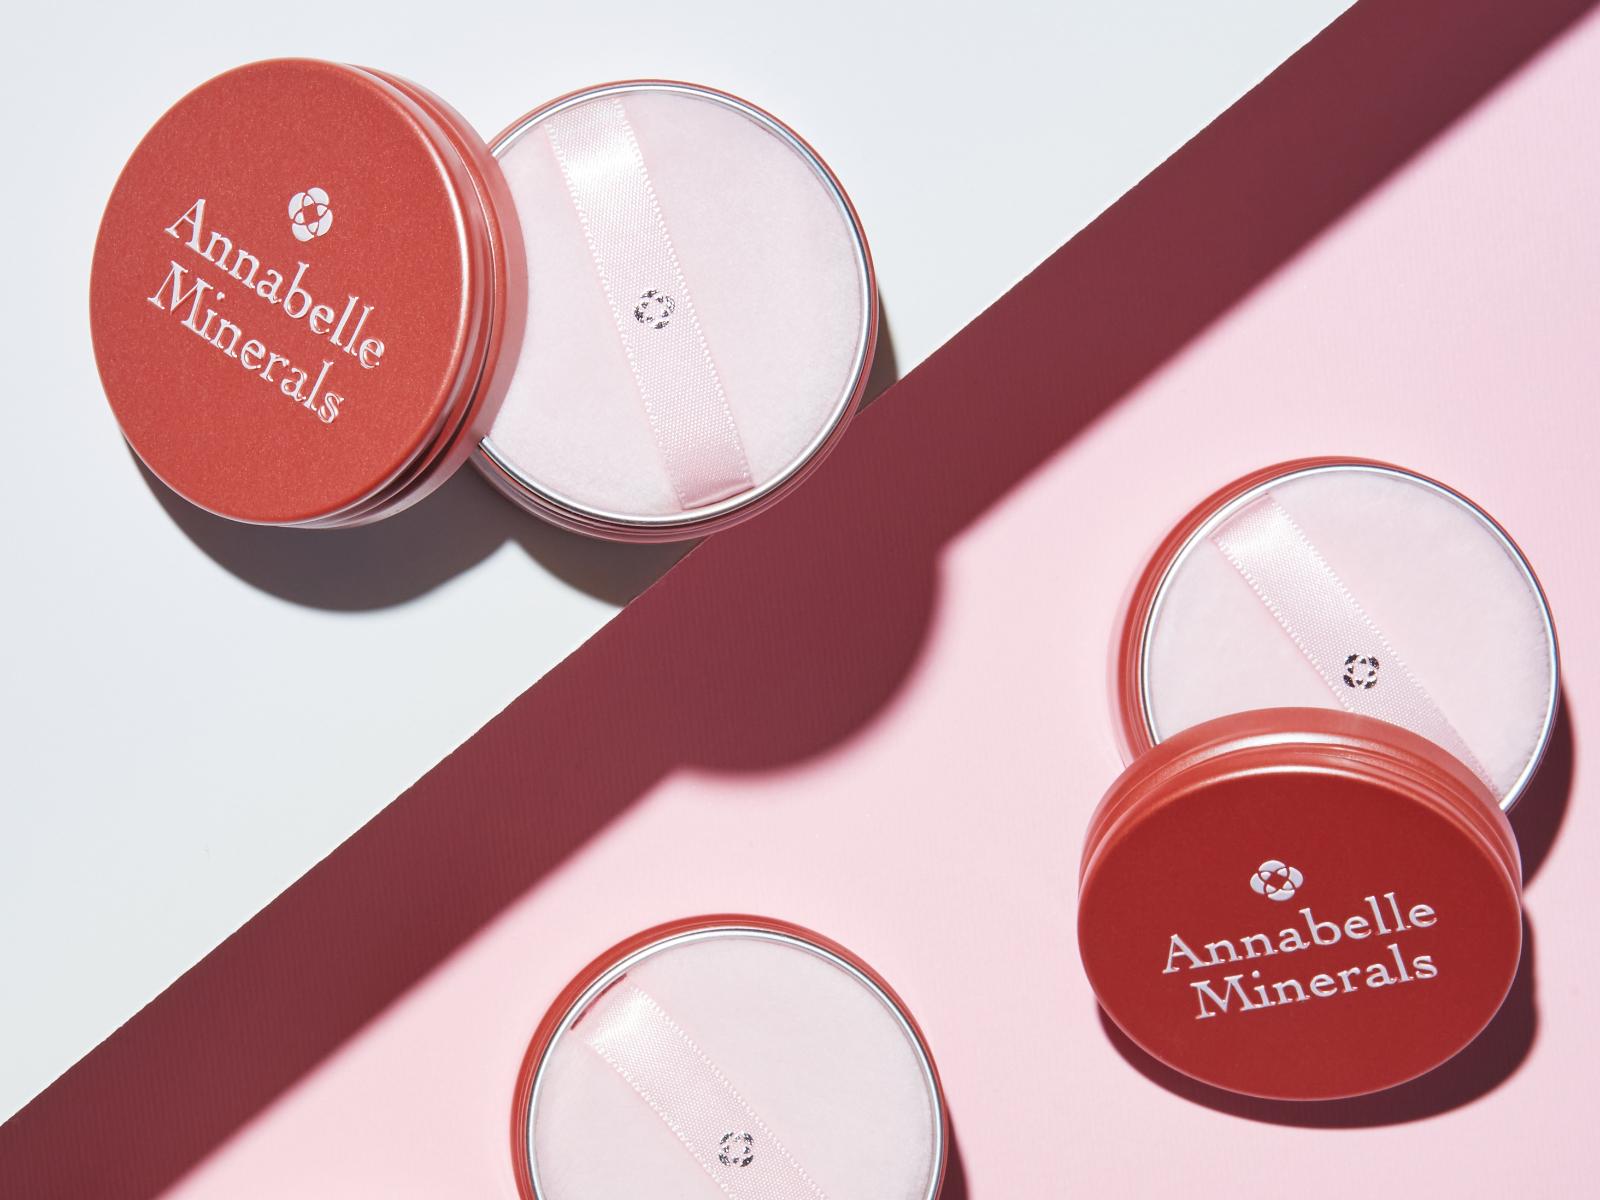 Słoiczek do mieszania odcieni podkładów mineralnych Annabelle Minerals